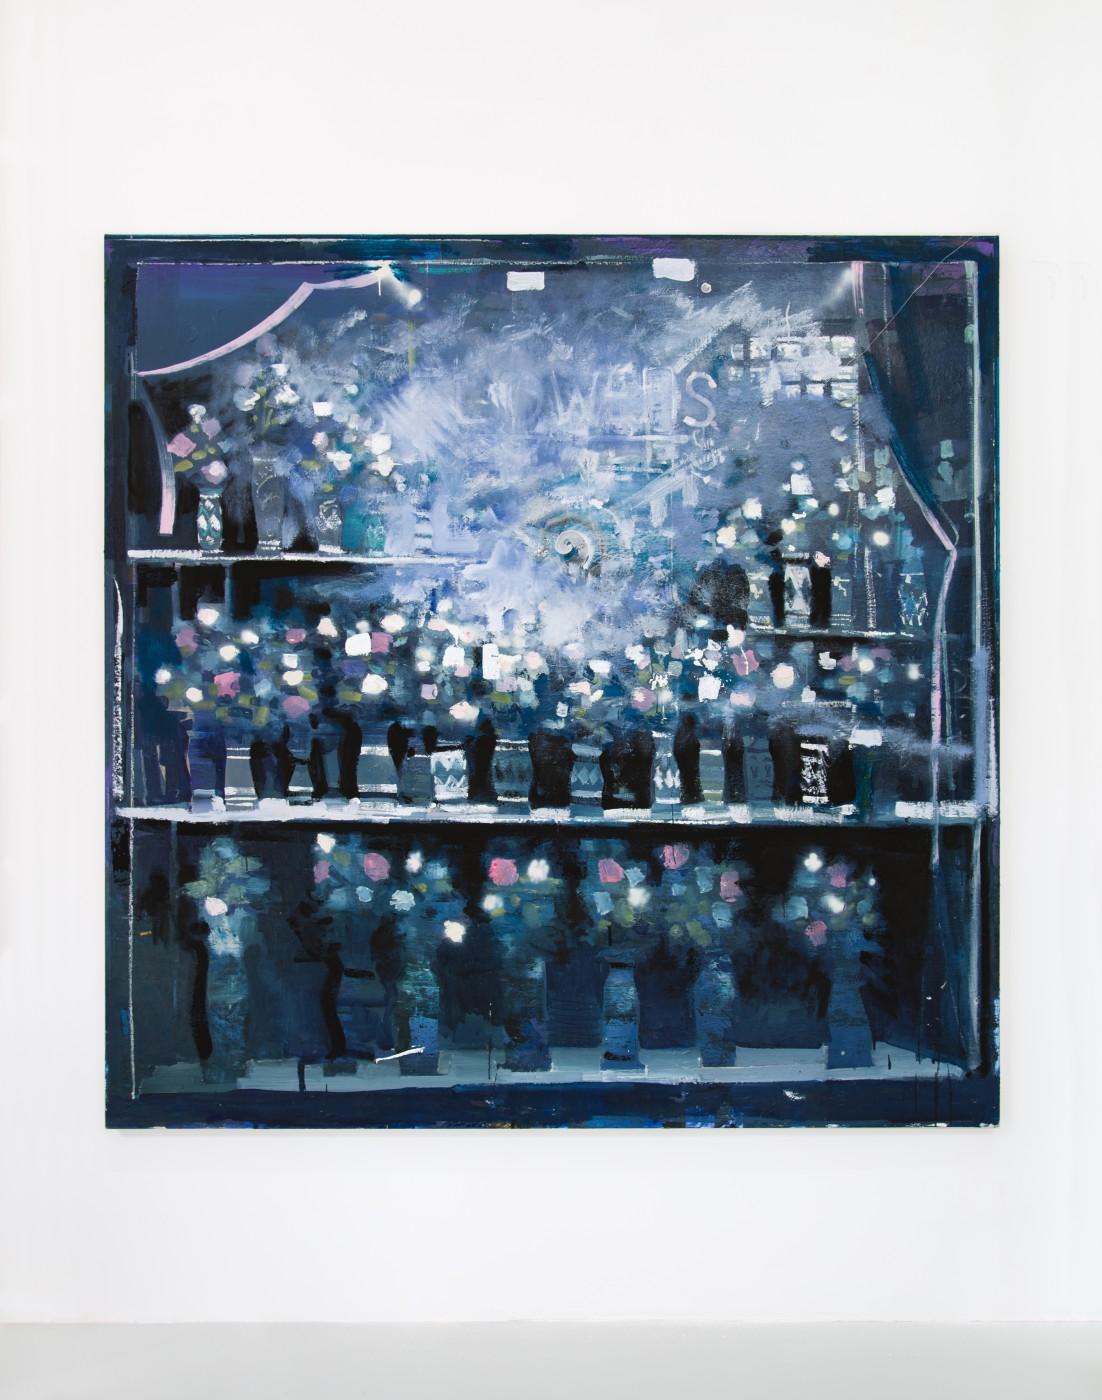 WALLFLOWERS, MALFLOWERS  Daybreak #1 , 2018  Oil on canvas  195,6 × 183 cm / 77 × 72 in   Nathan Zeidman